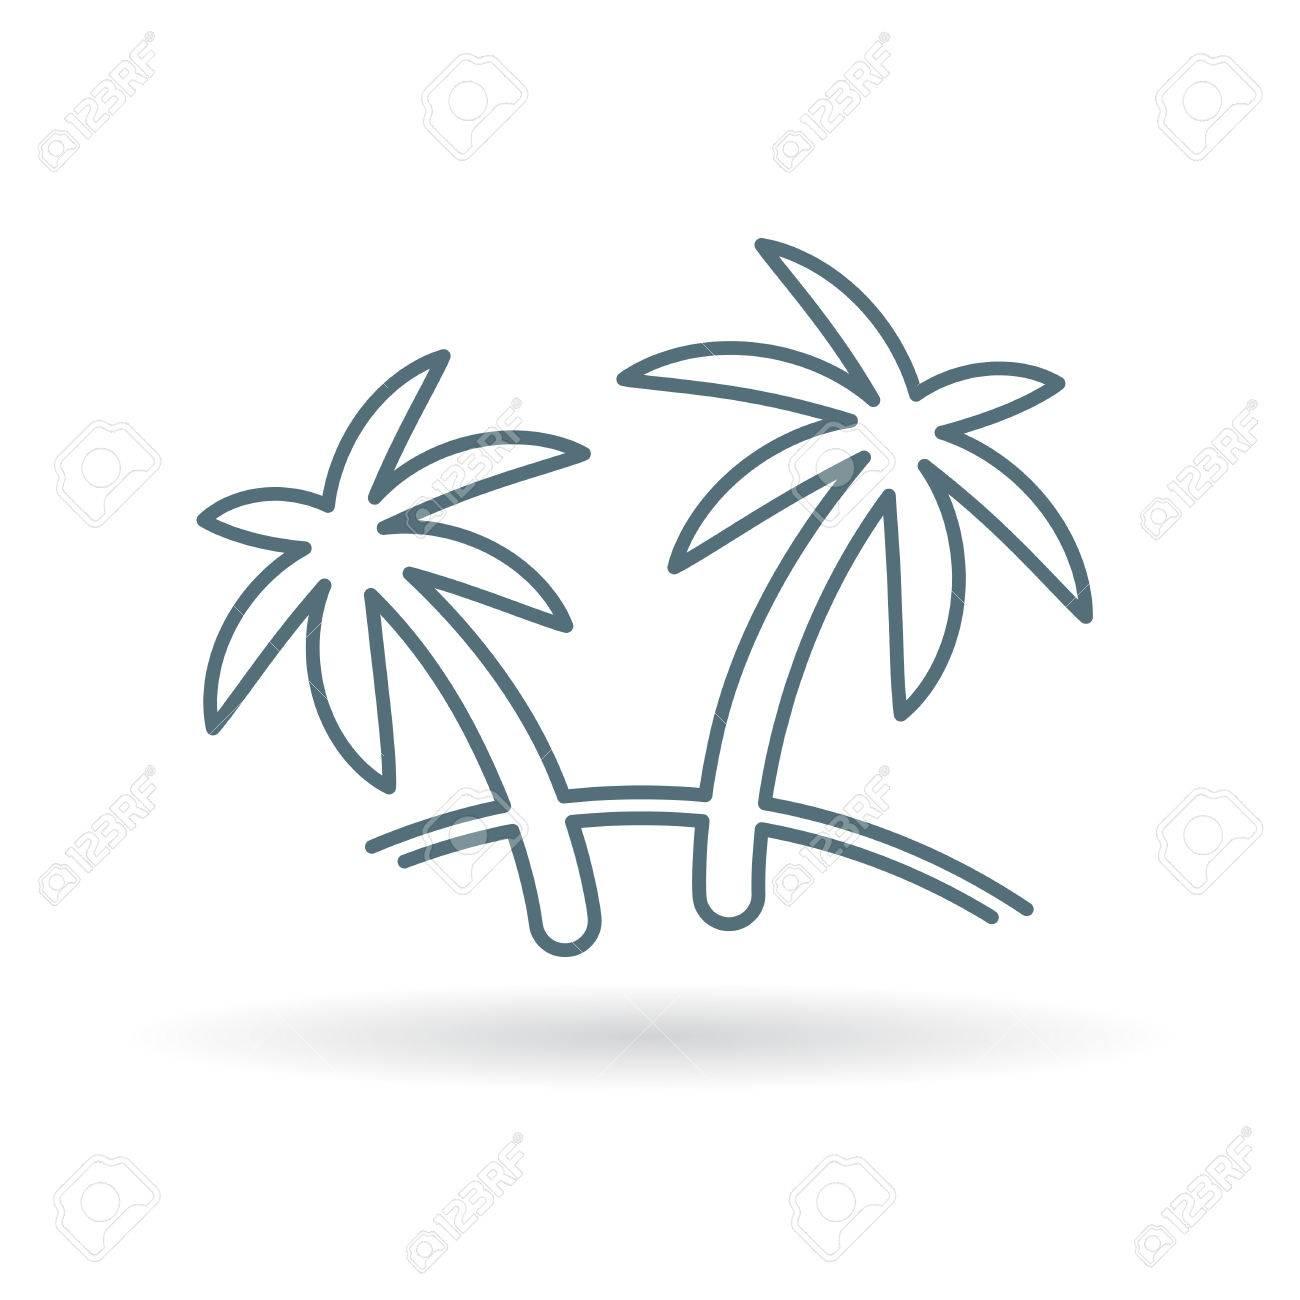 Palme-Symbol. Kokosnussbaum Zeichen. Paradise Tropischen Baum-Symbol. Thin  Line-Symbol Auf Weißem Hintergrund. Vektor-Illustration. Lizenzfrei  Nutzbare Vektorgrafiken, Clip Arts, Illustrationen. Image 56720176.